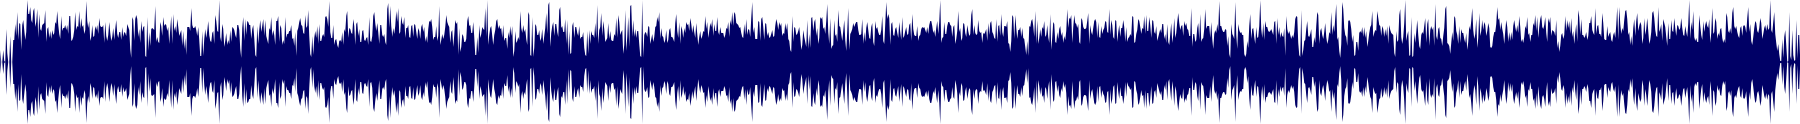 waveform of track #69855